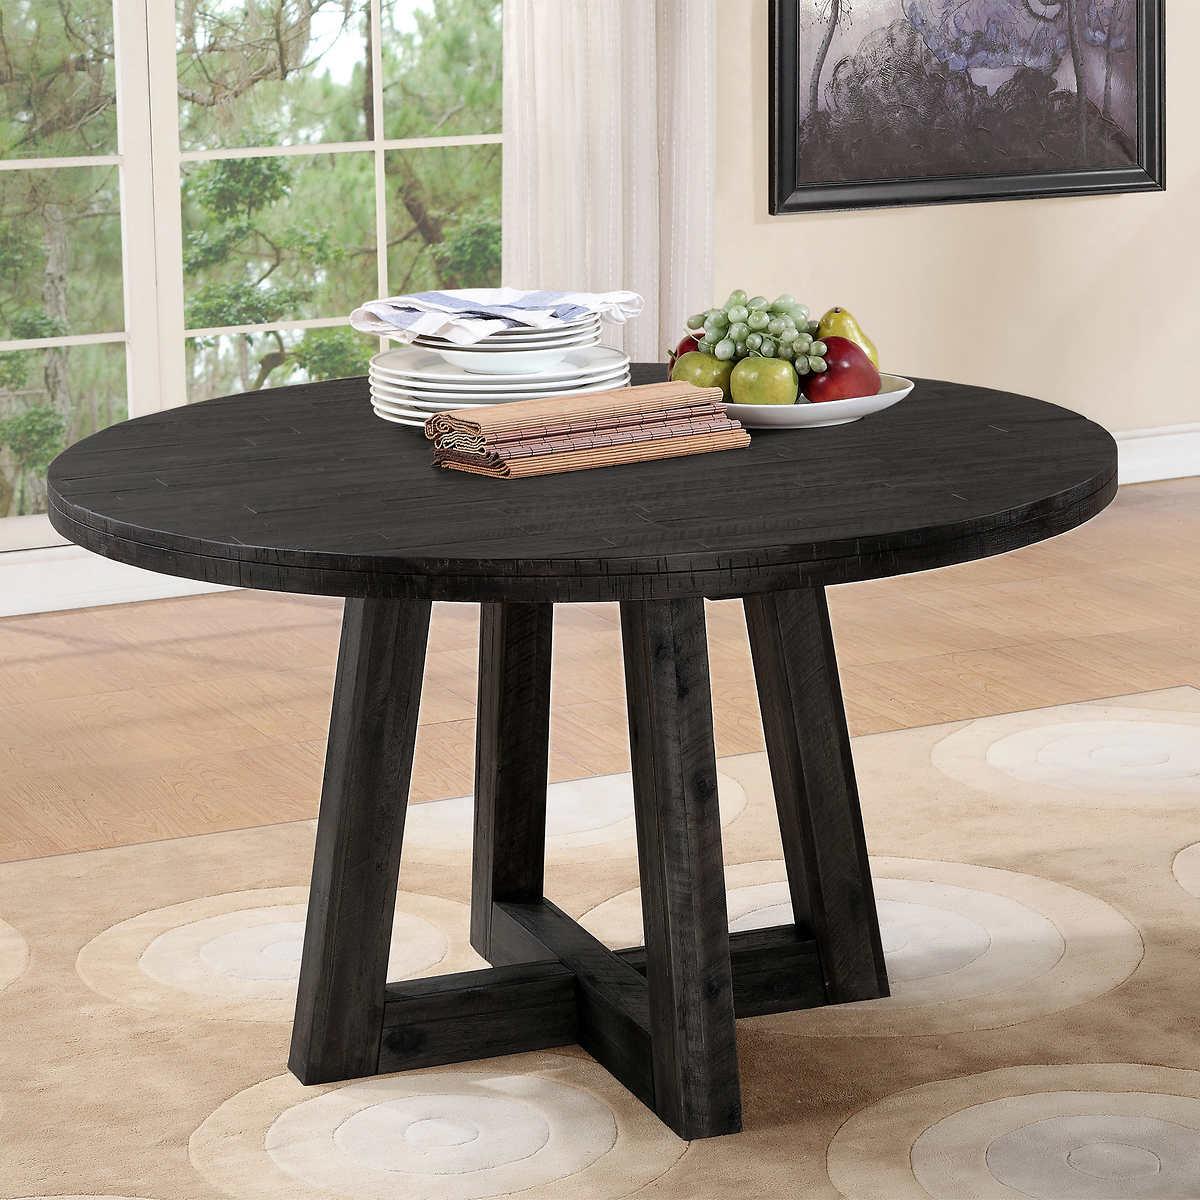 tables | costco